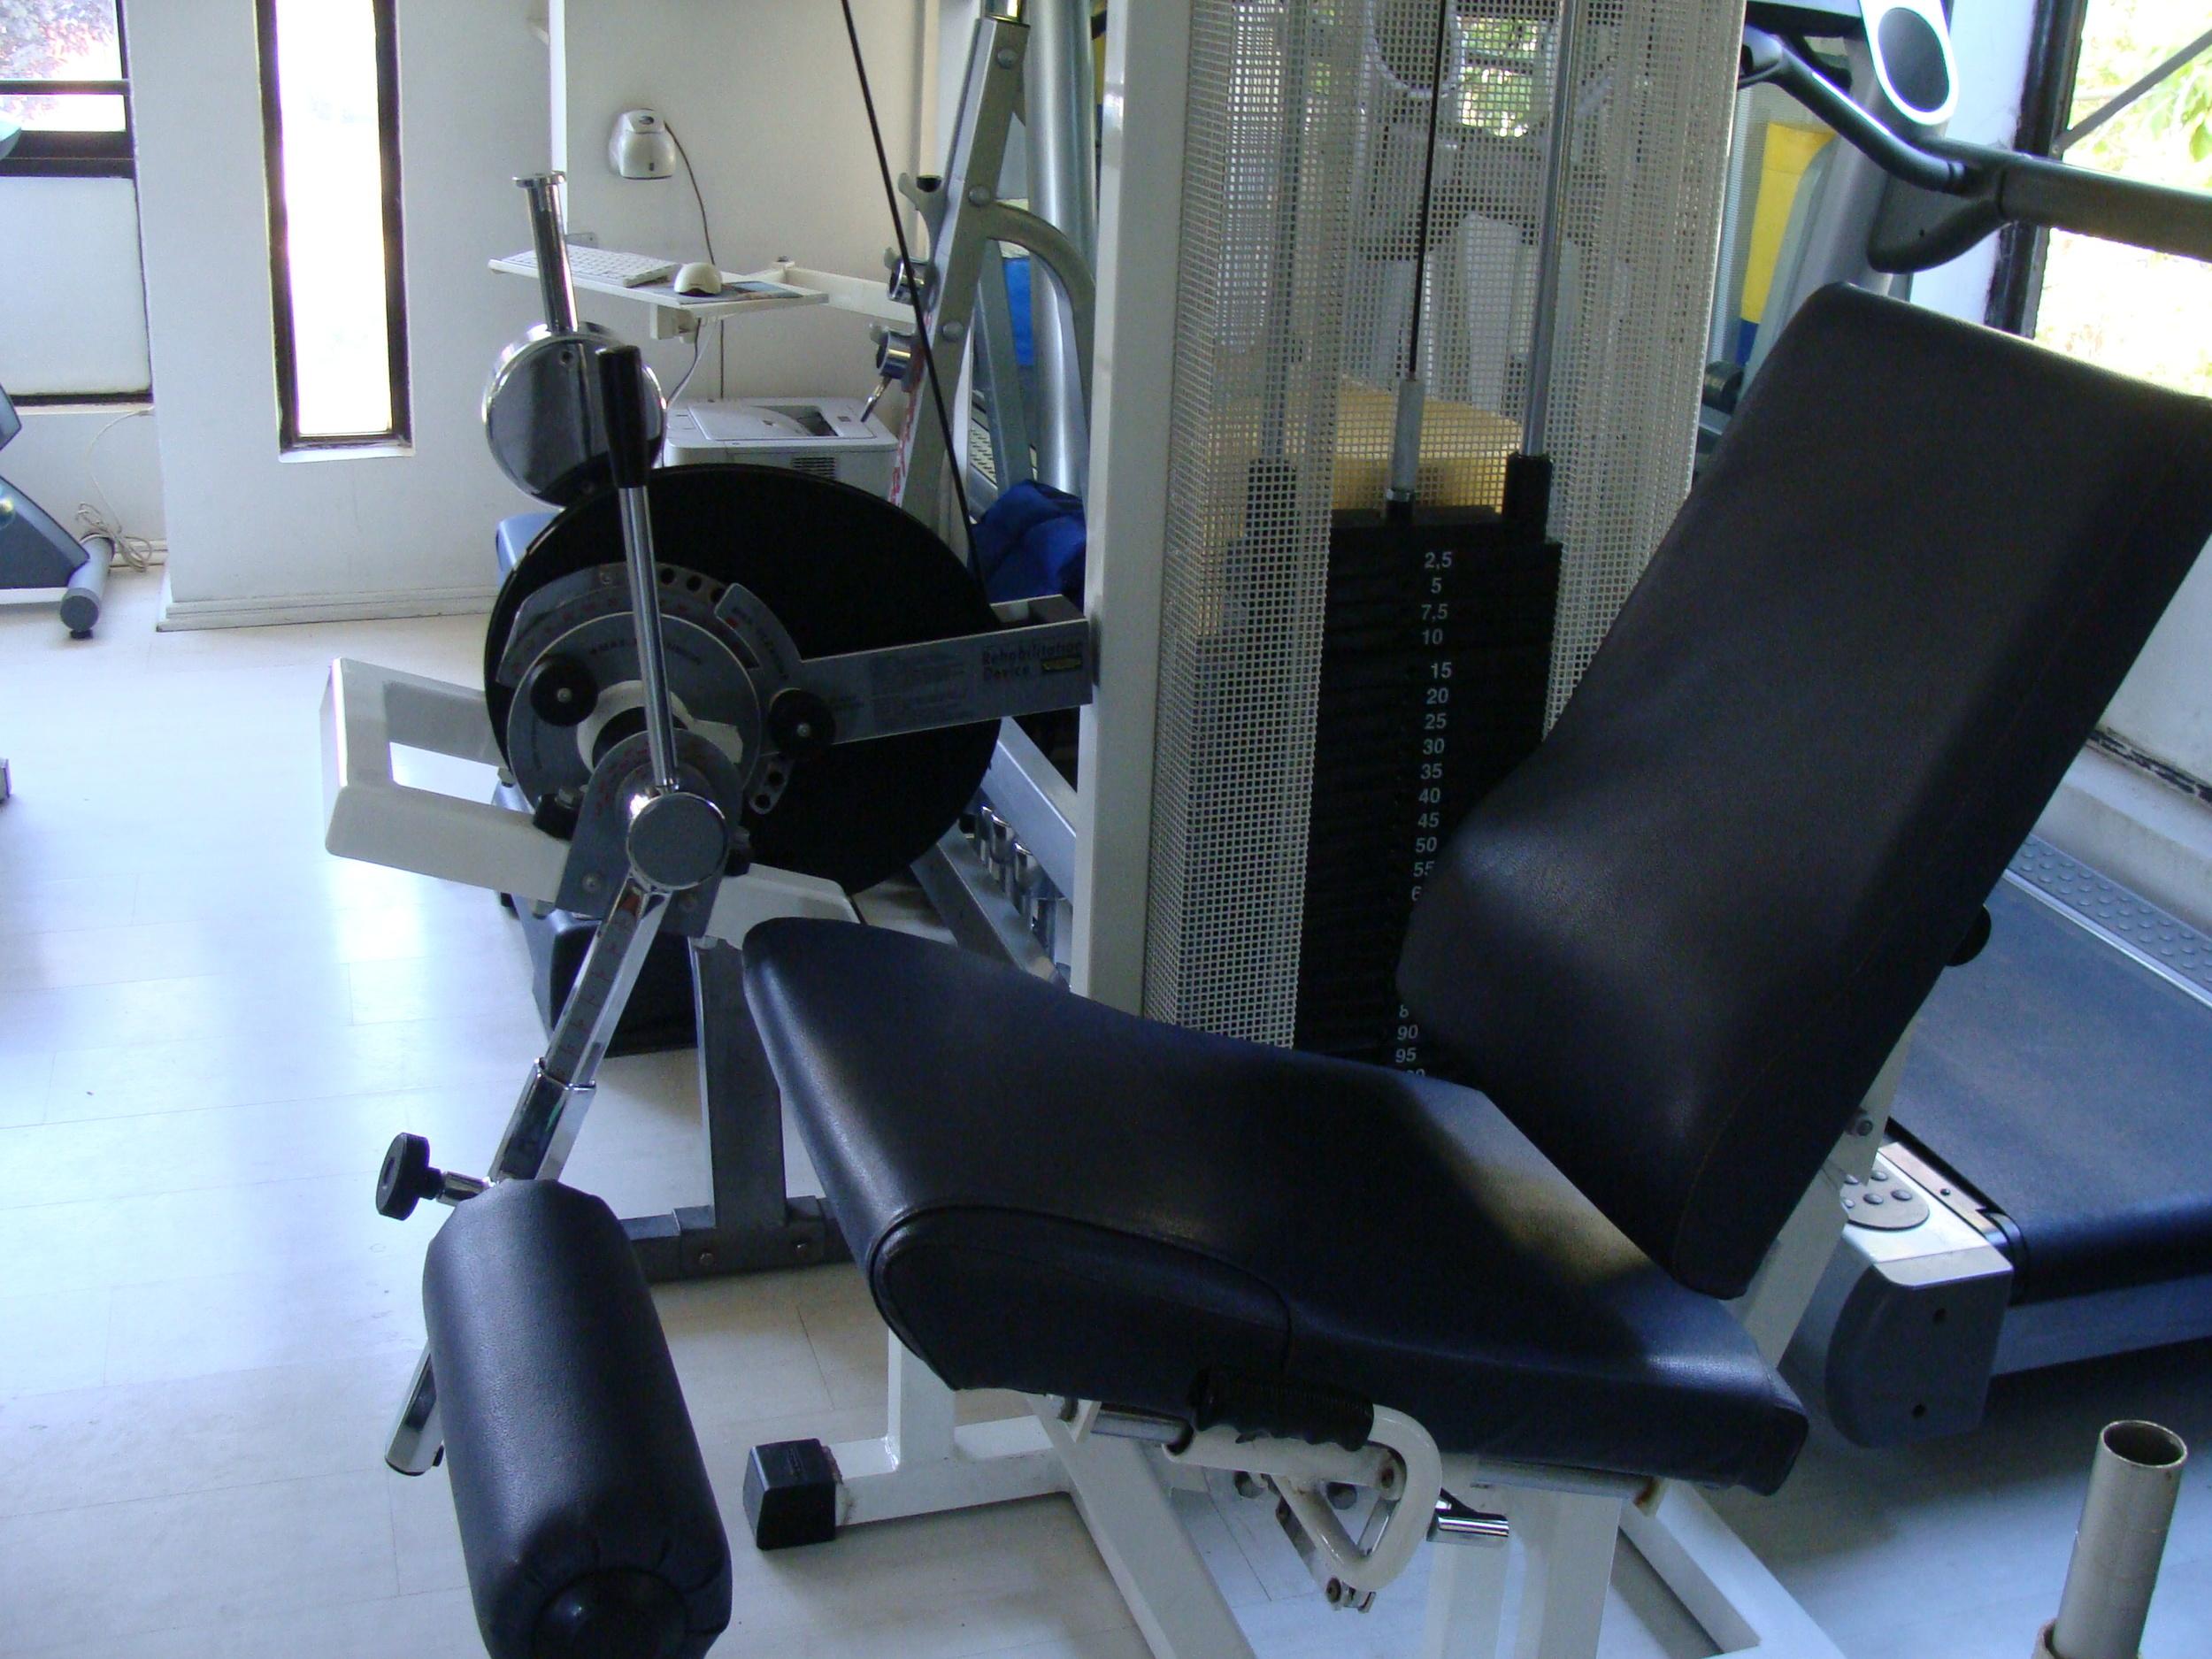 clinica de ejercicio kw - maquinas 2.JPG